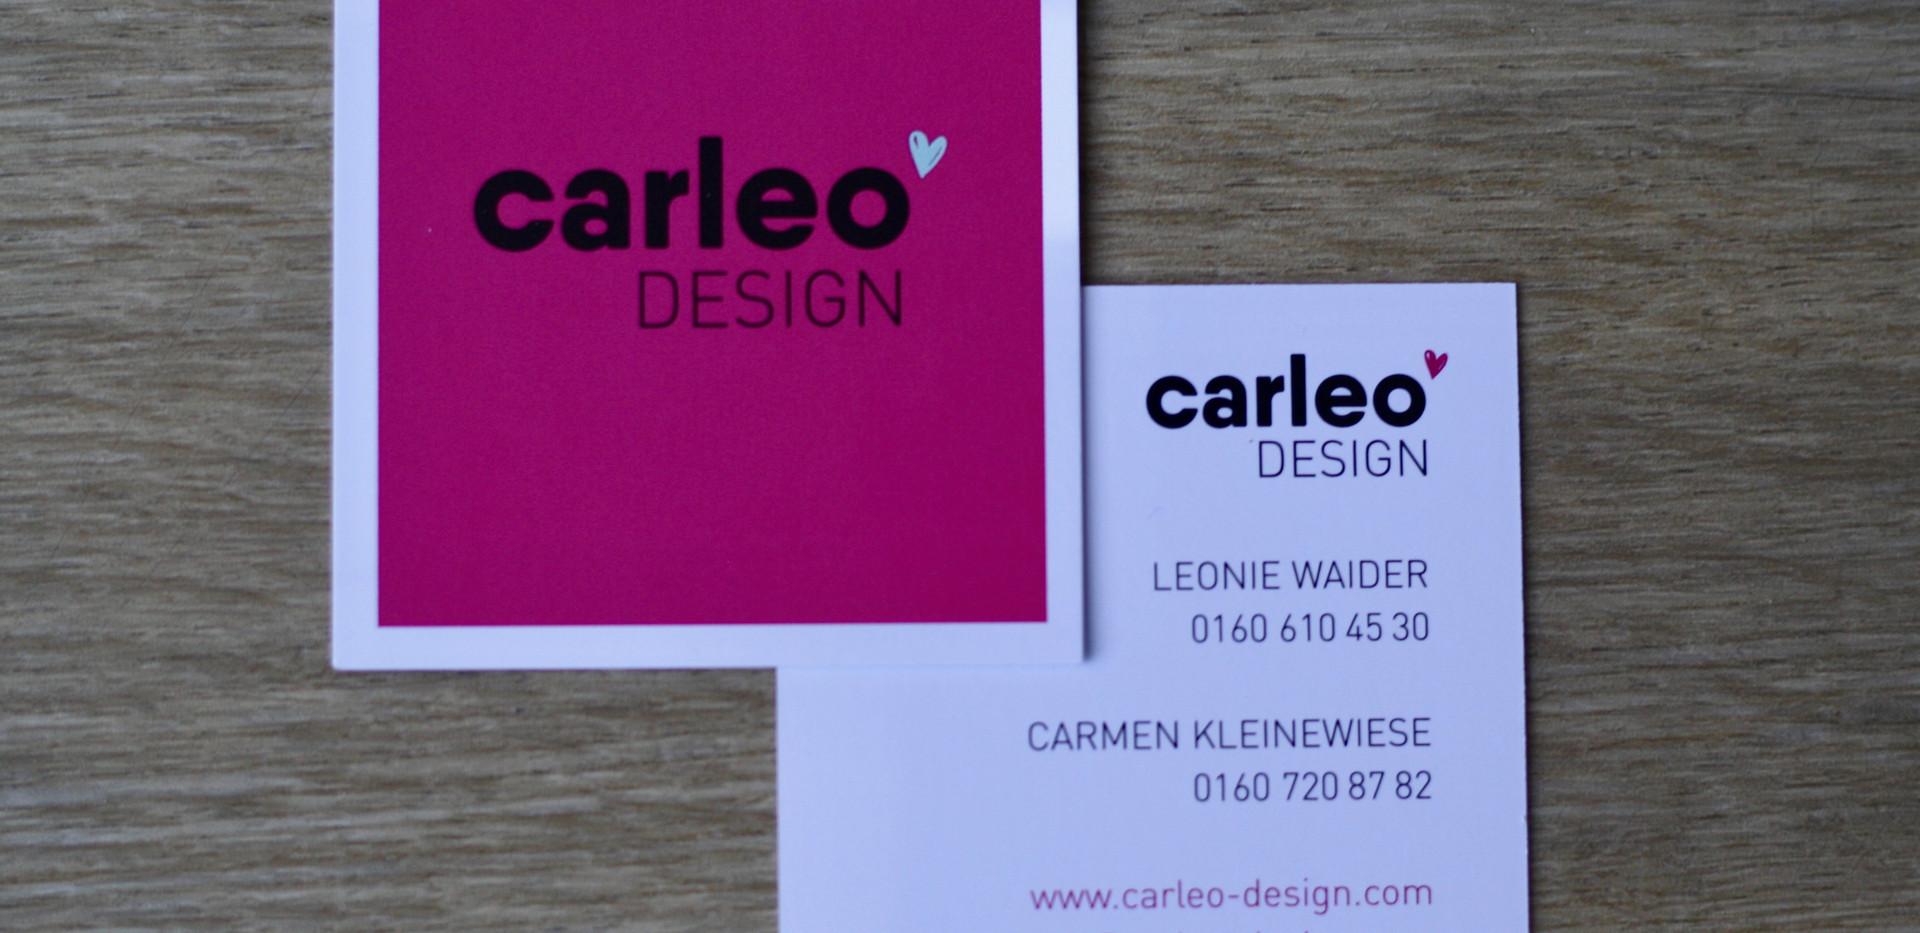 carleo 1